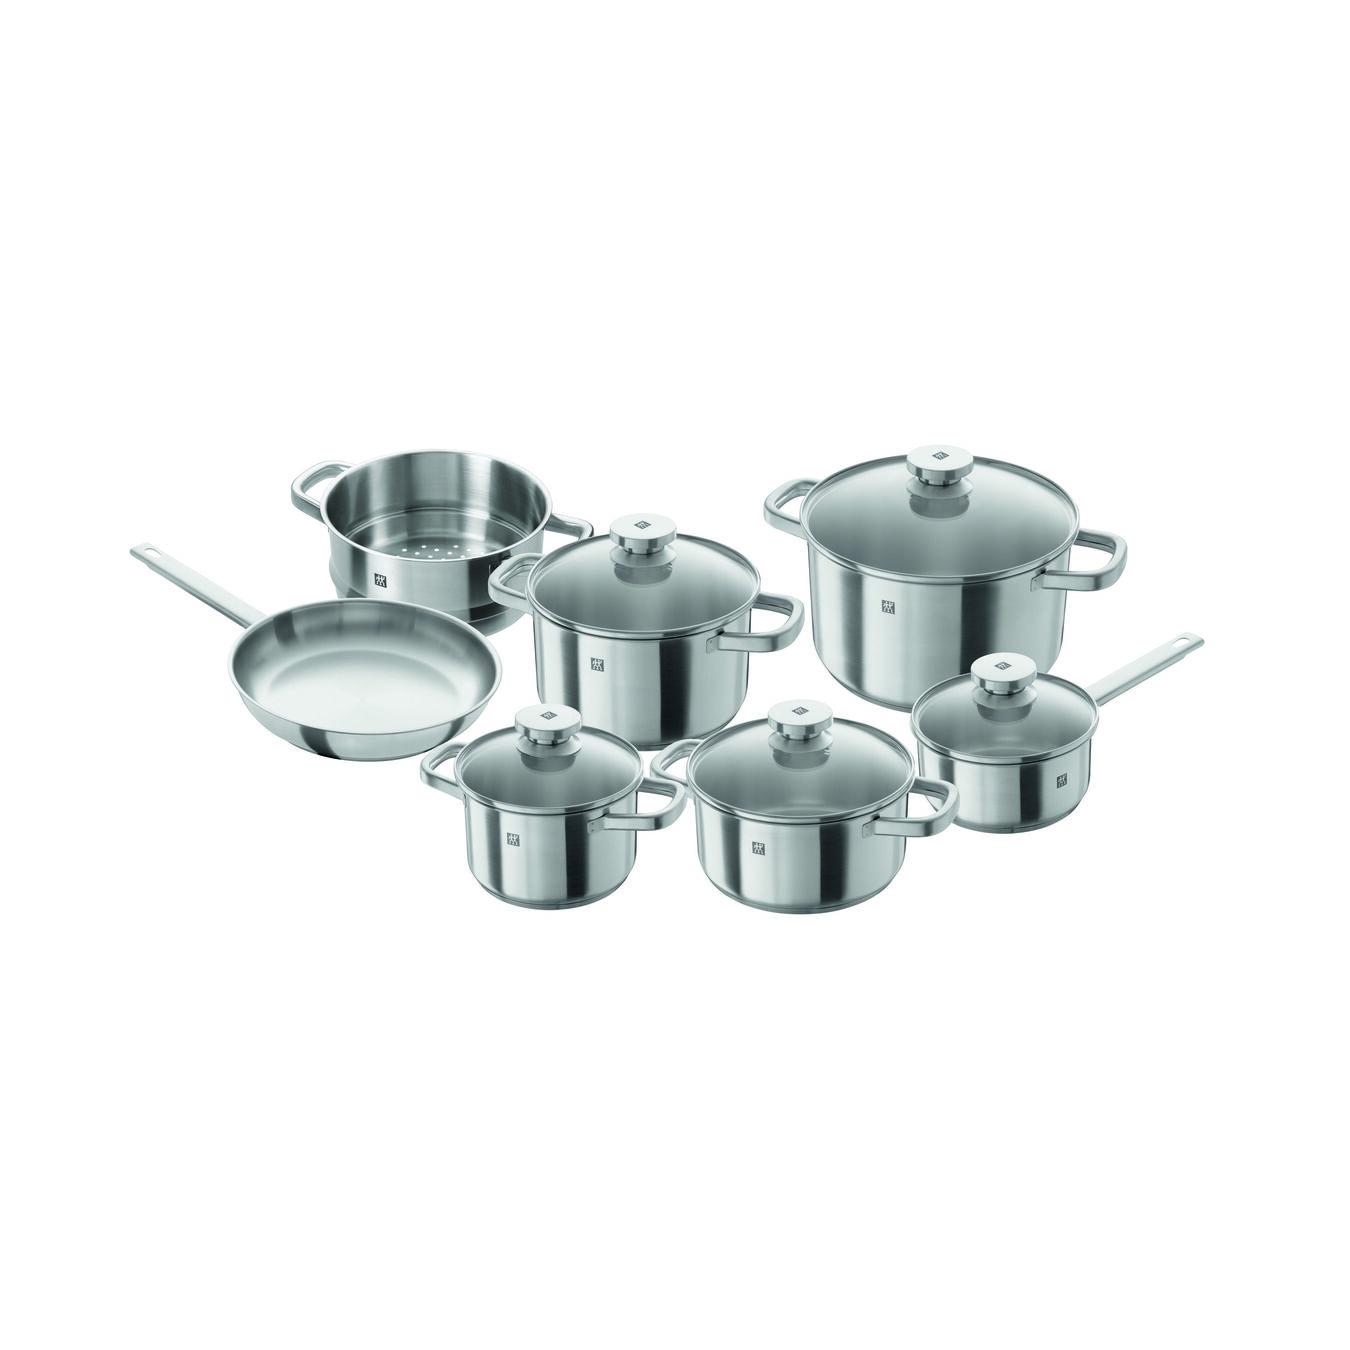 12-pcs 18/10 Stainless Steel Ensemble de casseroles et poêles,,large 1